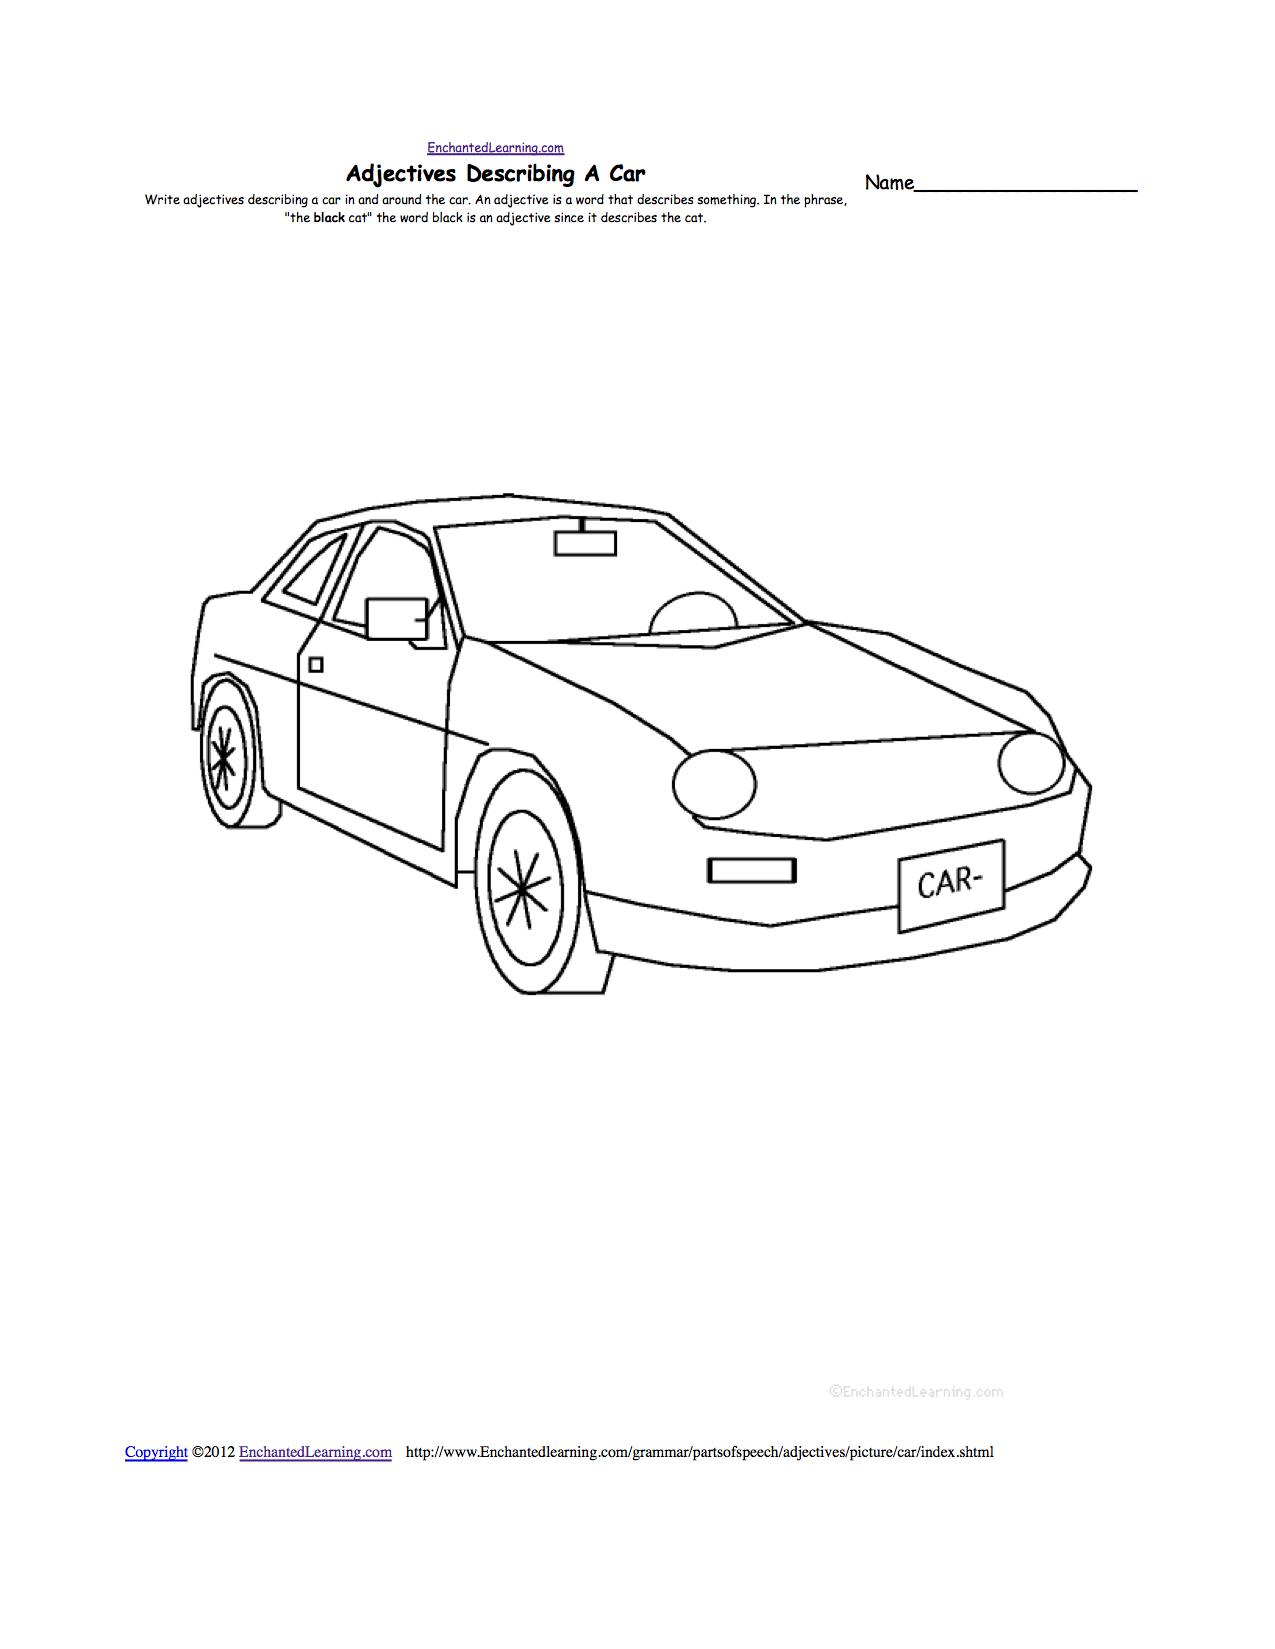 Writing Worksheets: Transportation/Vehicles at EnchantedLearning.com